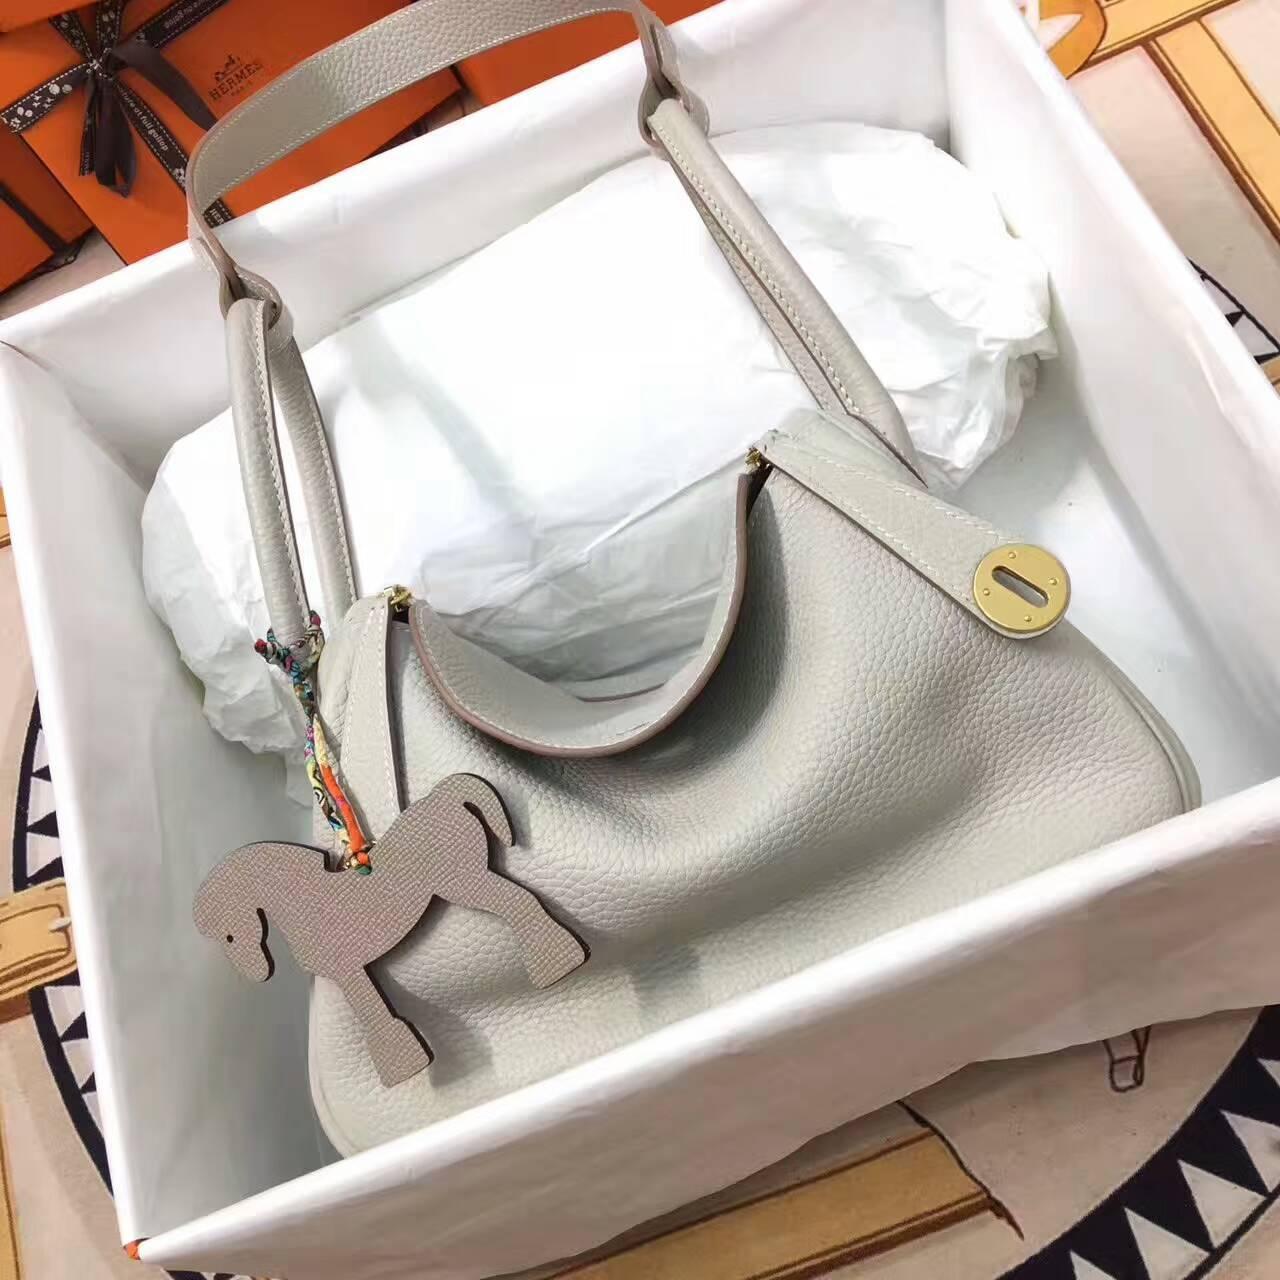 爱马仕Lindy包包 26cm Clemence 法国原产Togo大牛皮 珍珠灰